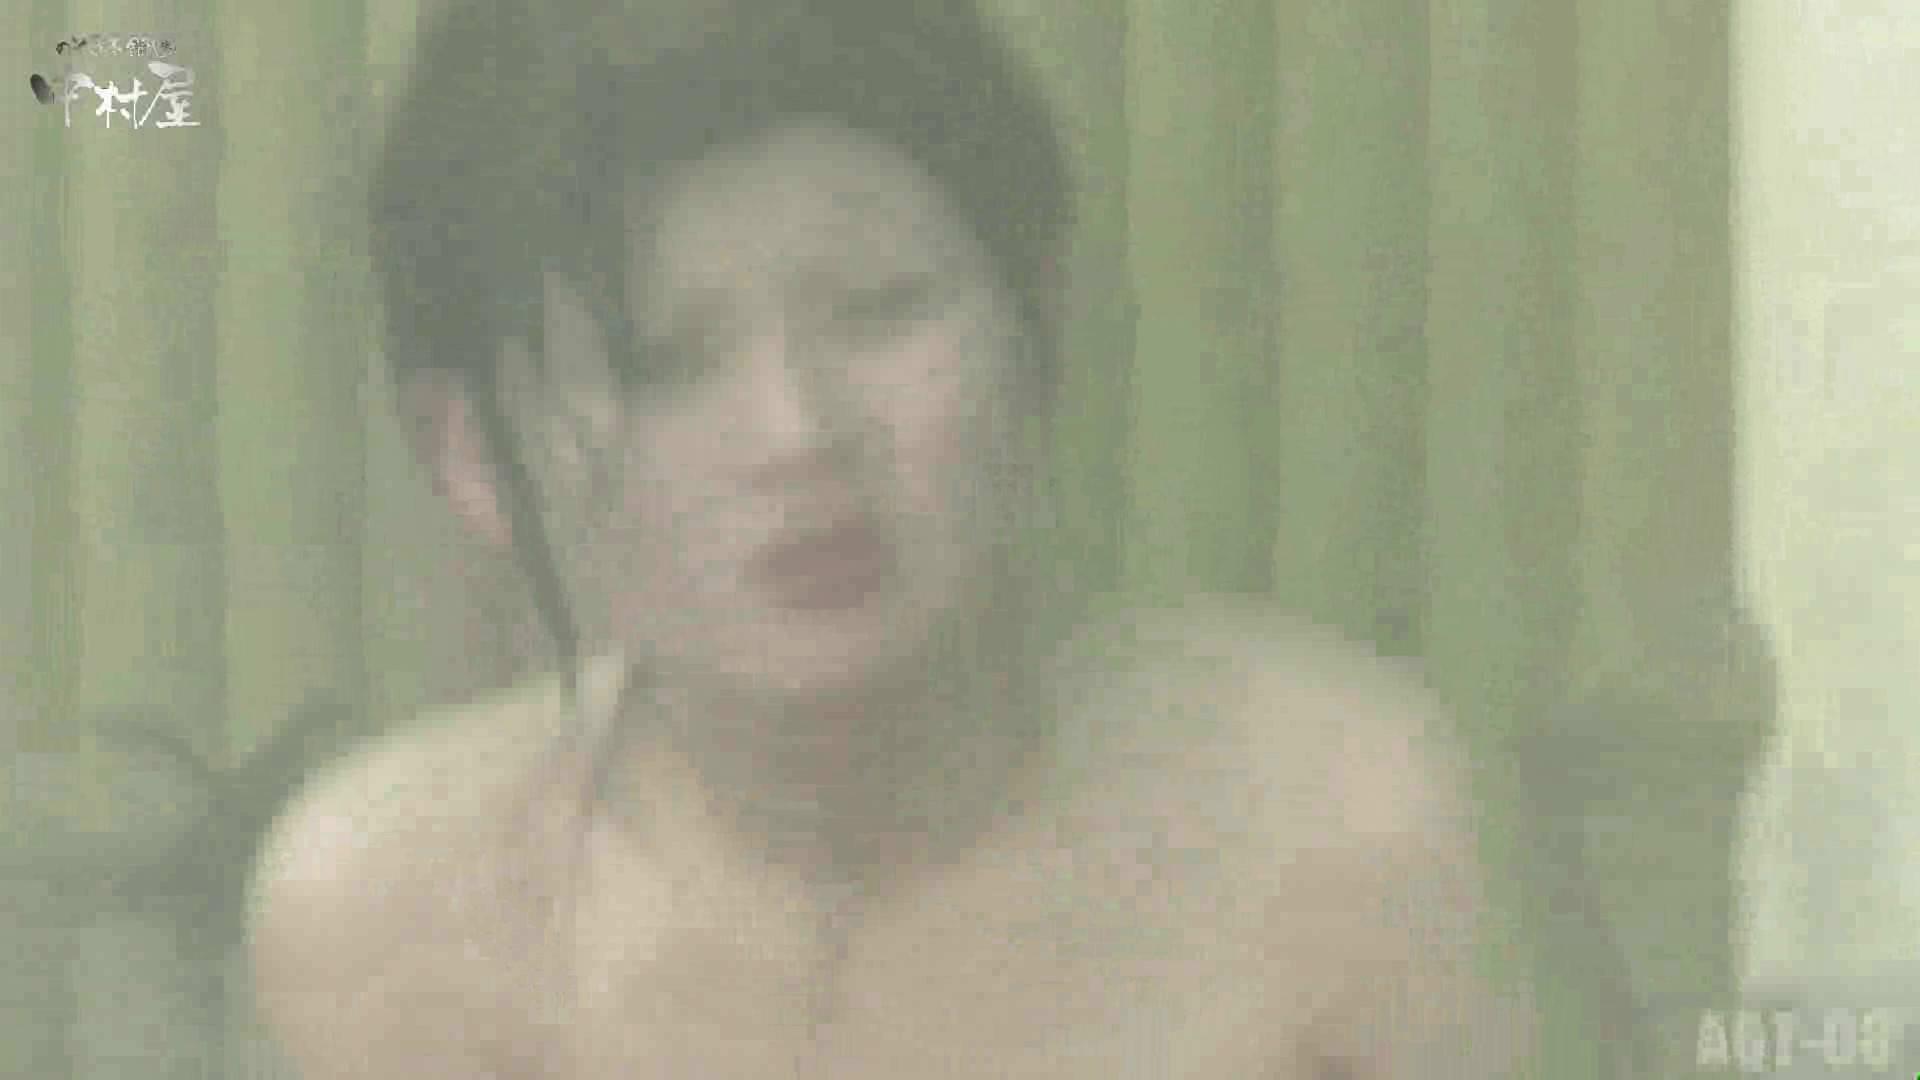 Aquaな露天風呂Vol.872潜入盗撮露天風呂八判湯 其の五 盗撮シリーズ  101PIX 63